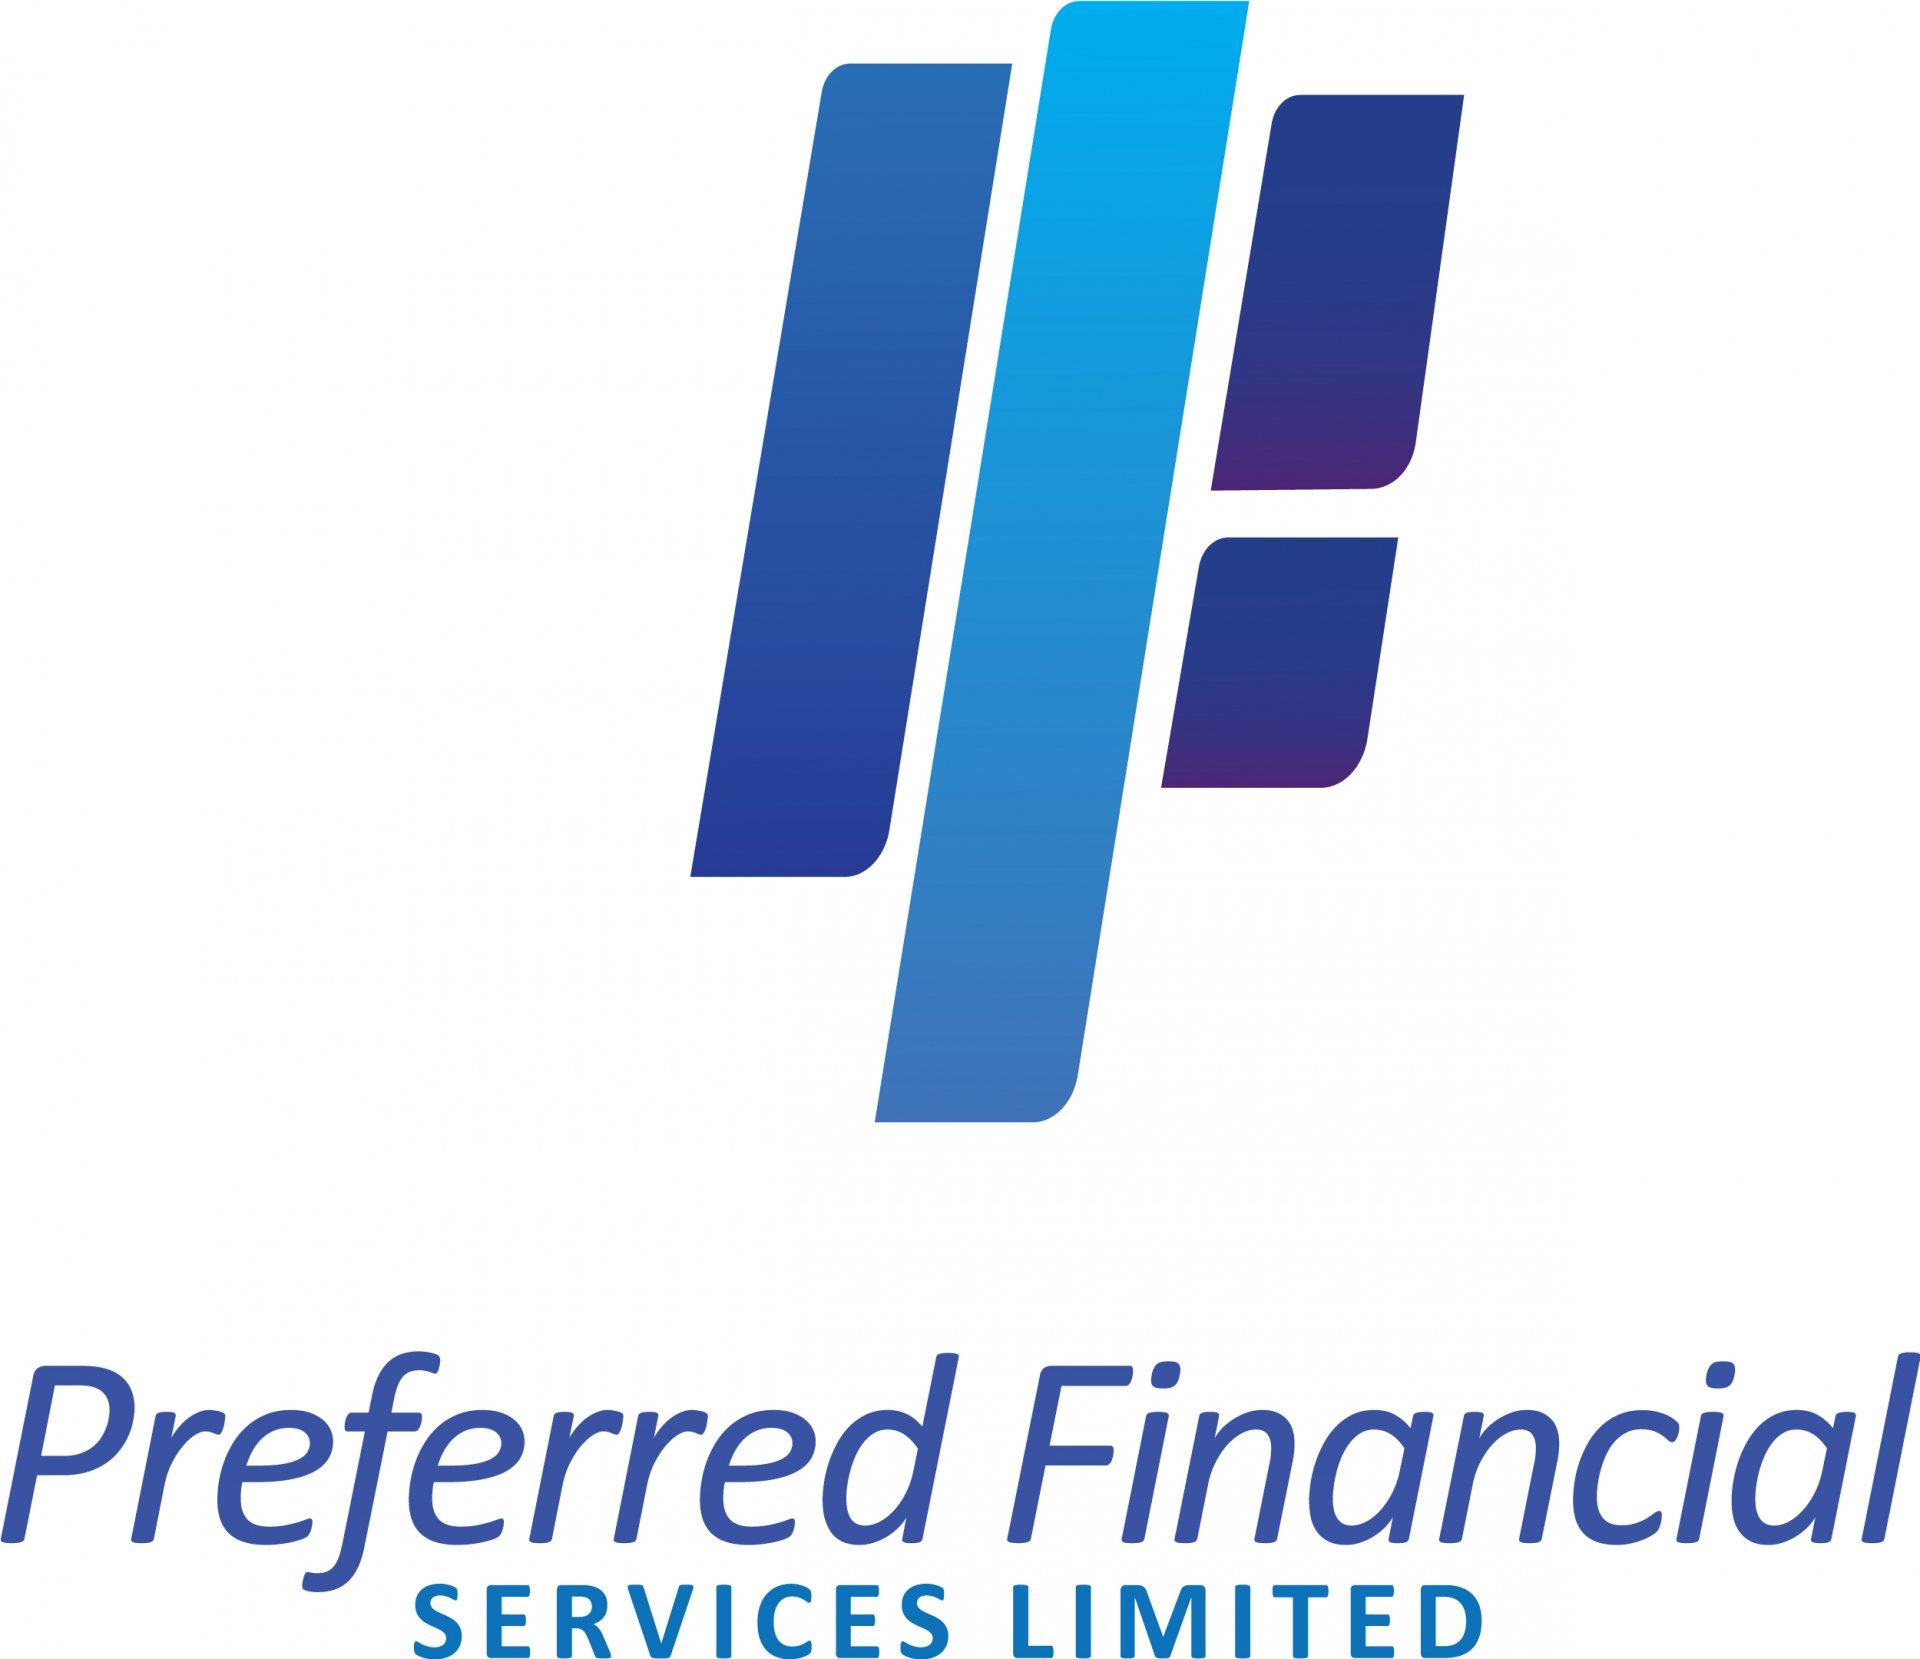 Preferred Financial Services Ltd